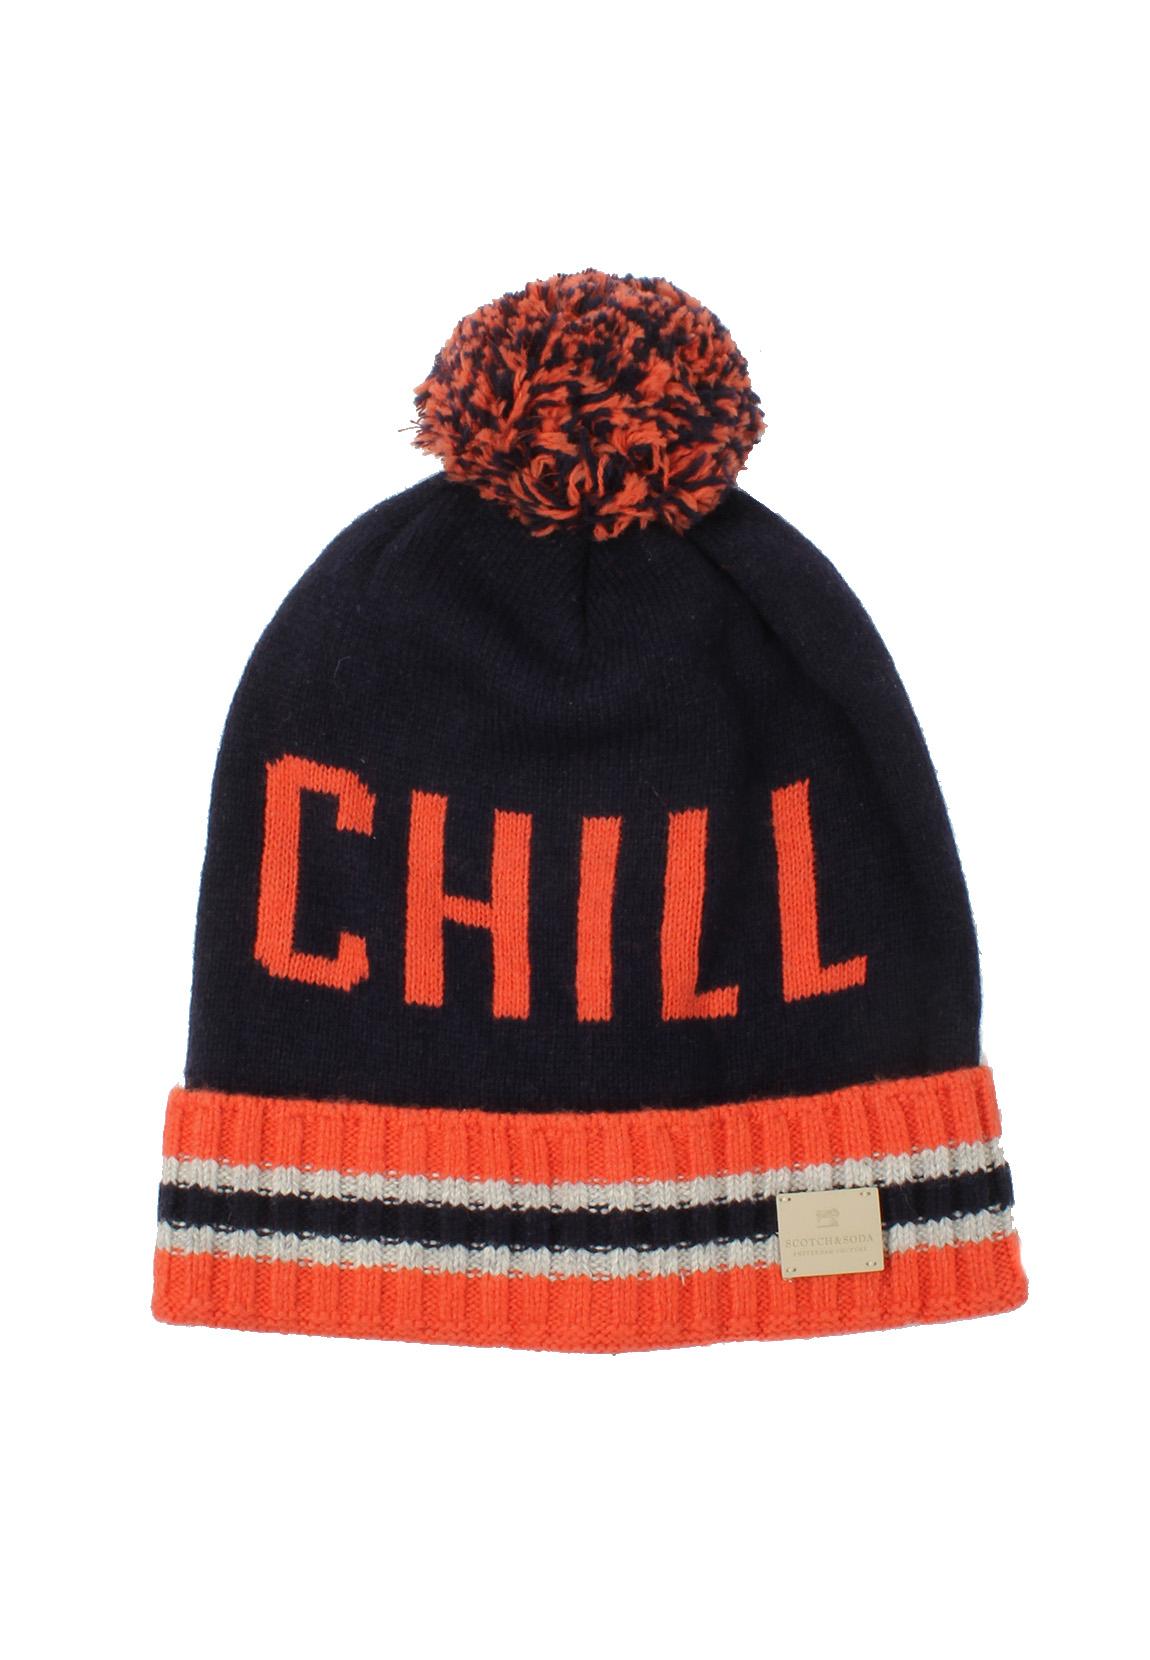 978001a3b8604 Scotch   Soda Pompom Hat 101823 Orange Navy 2C 8719031301193